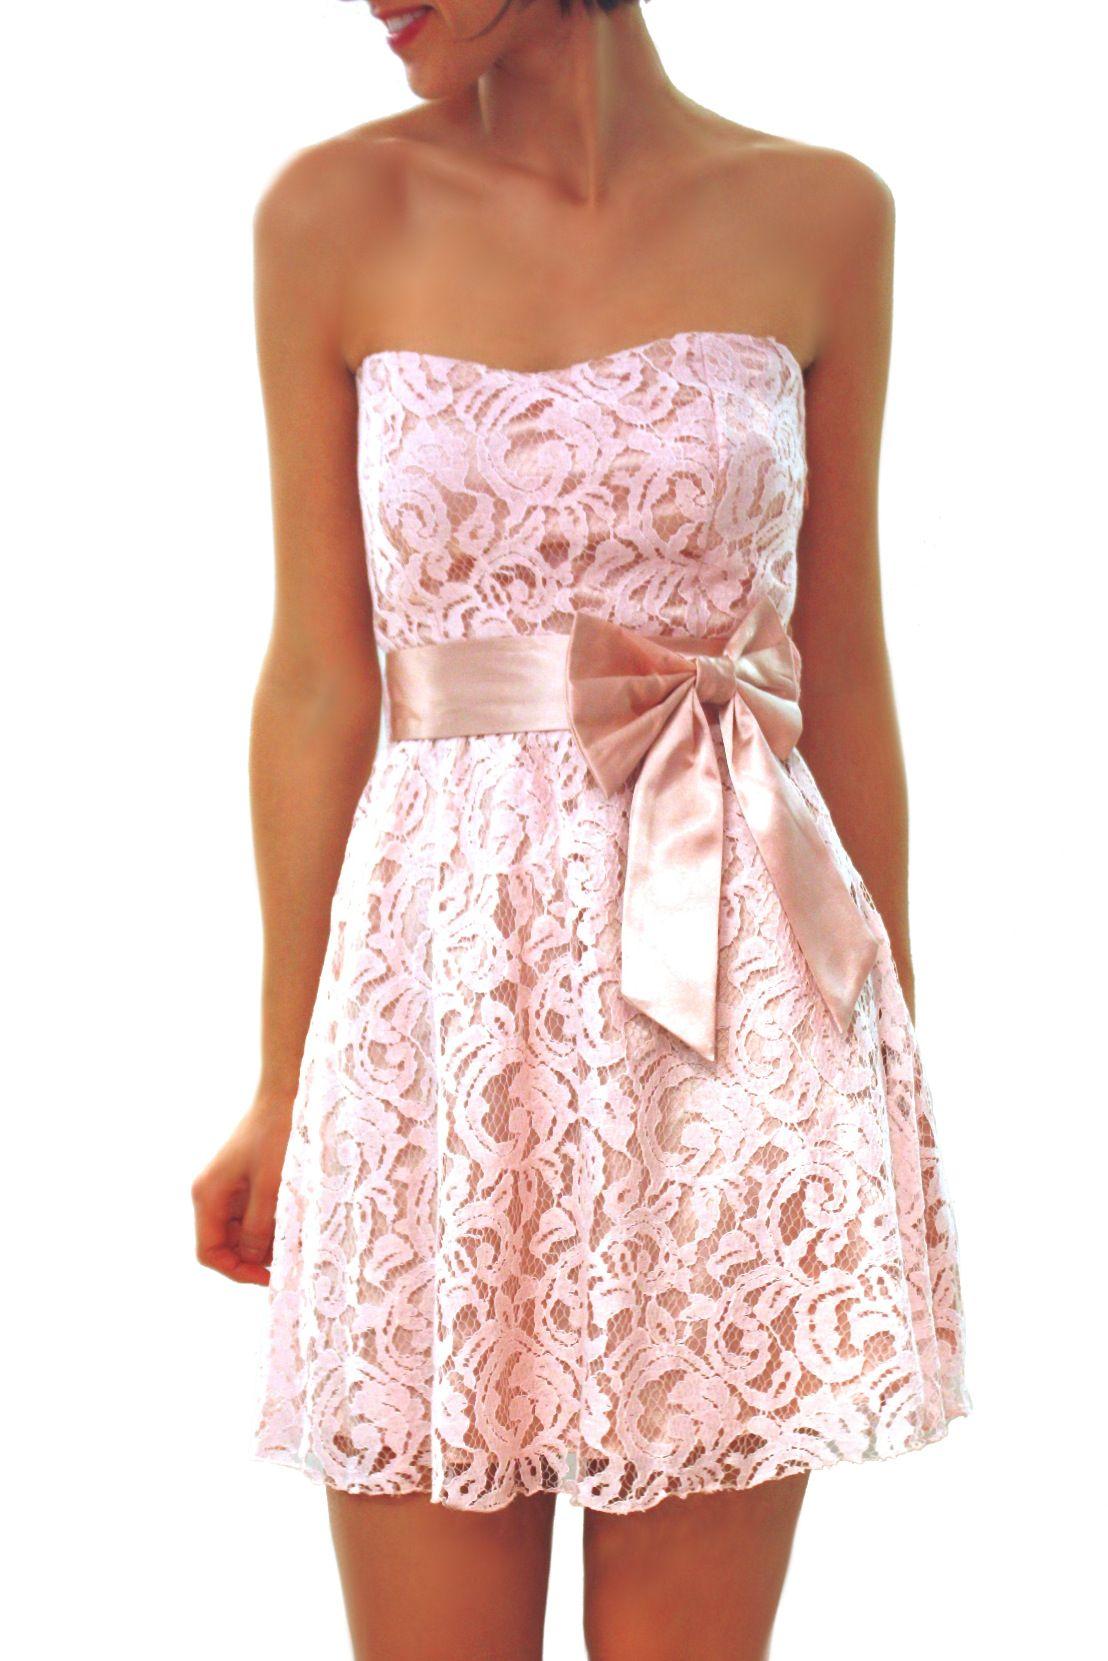 Vestido de Encaje Rosa Pálido. 55,50€ en www.carmenenlasarenas.com ...